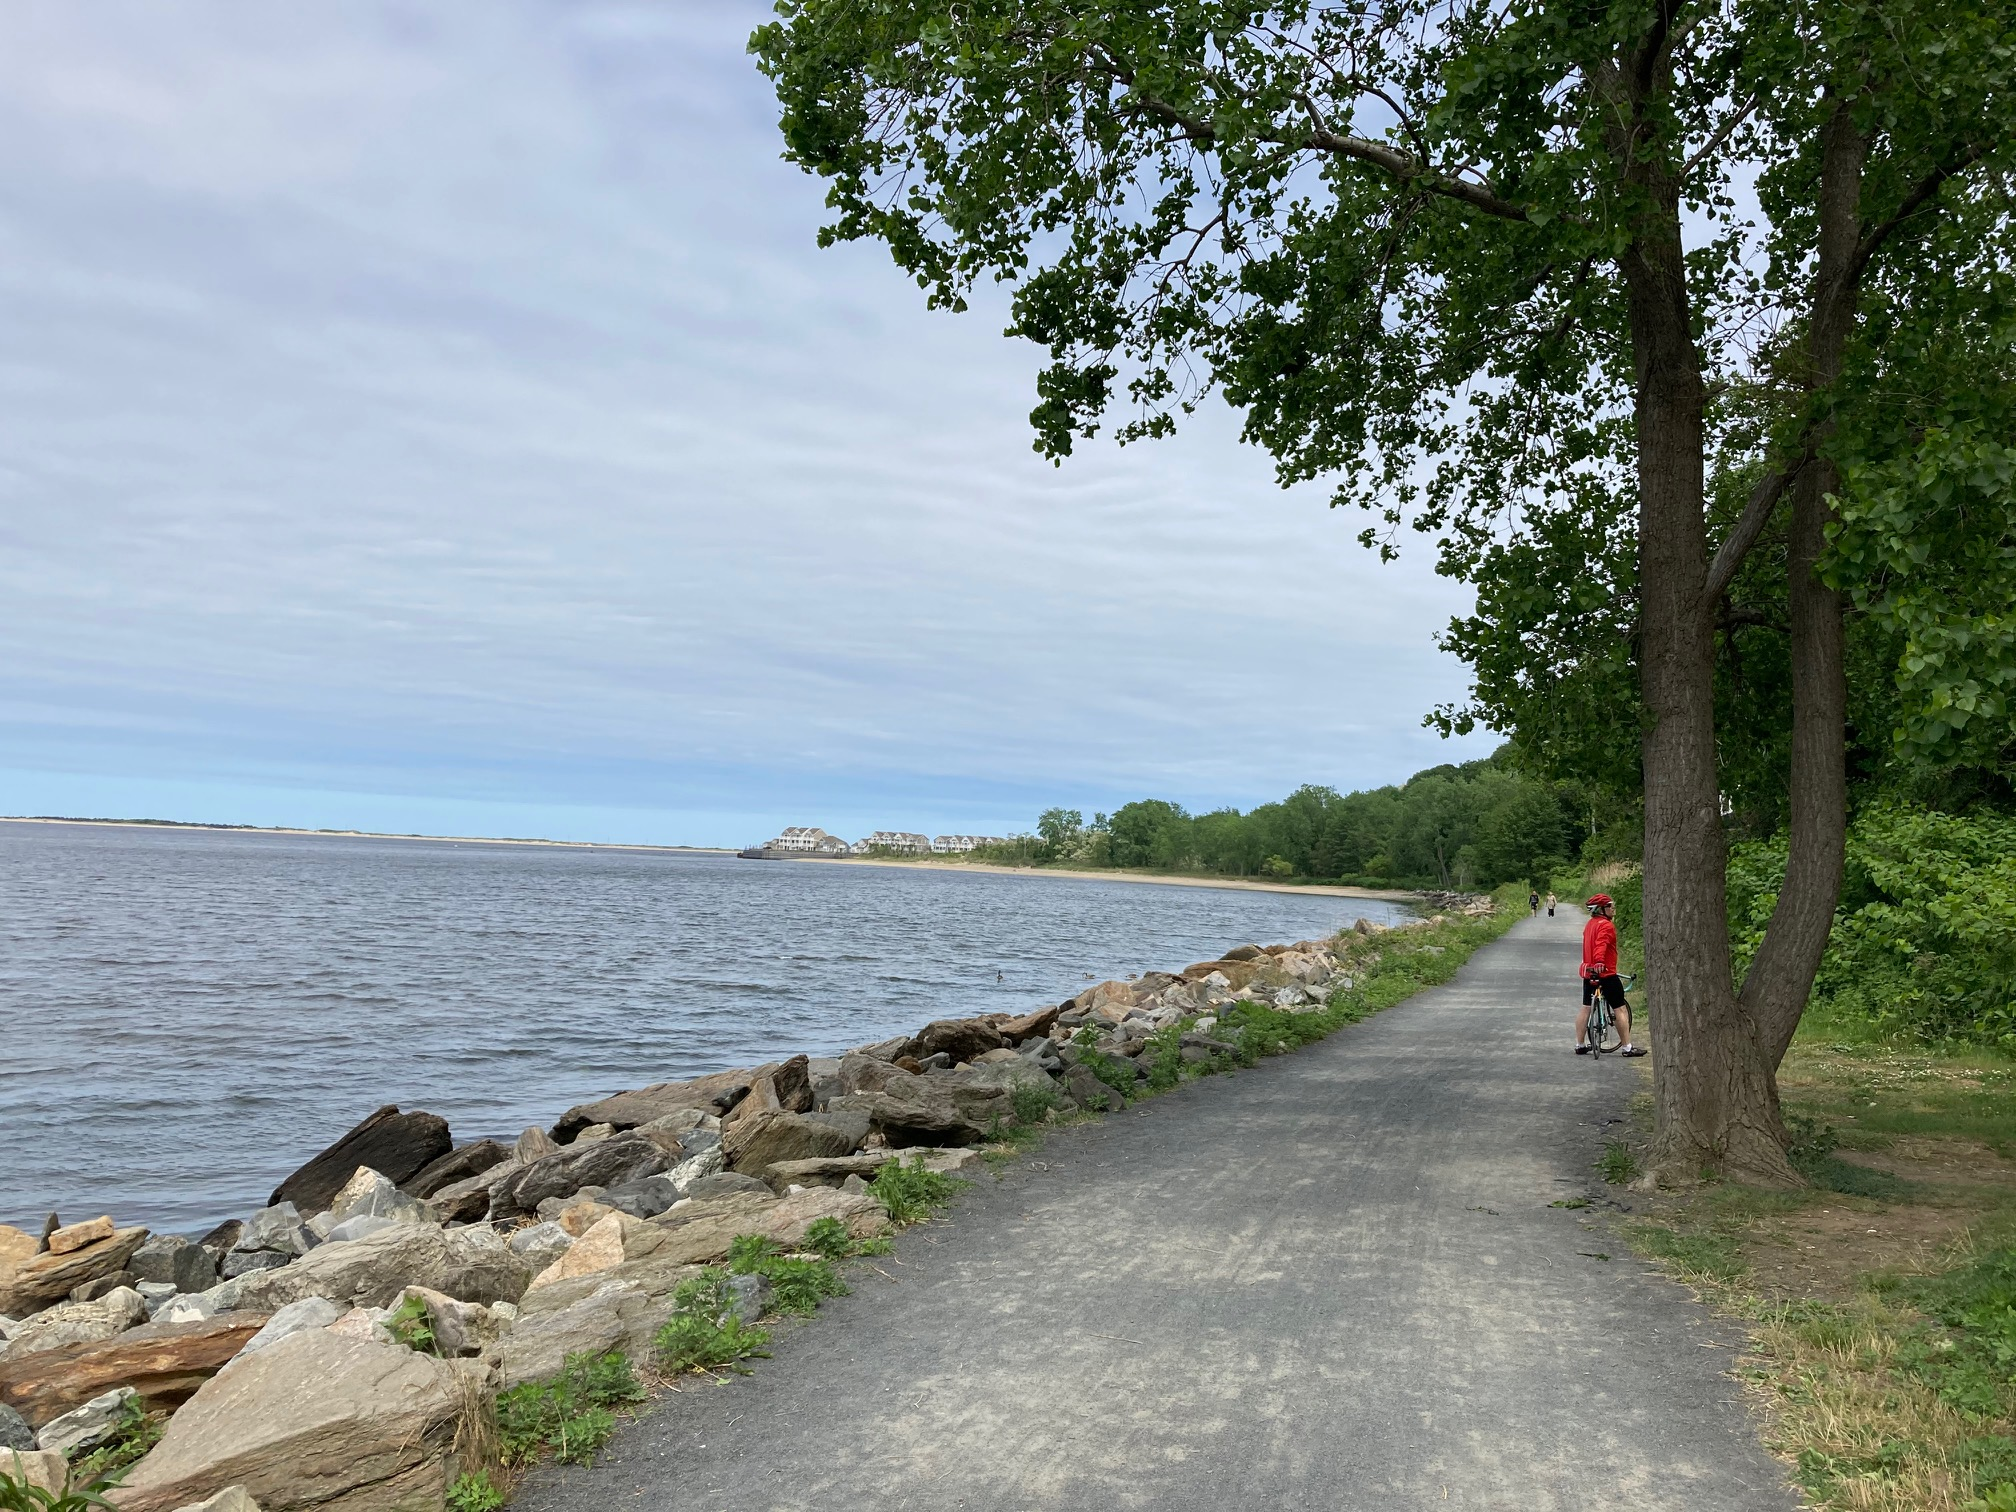 Explore the NJ shore by bike